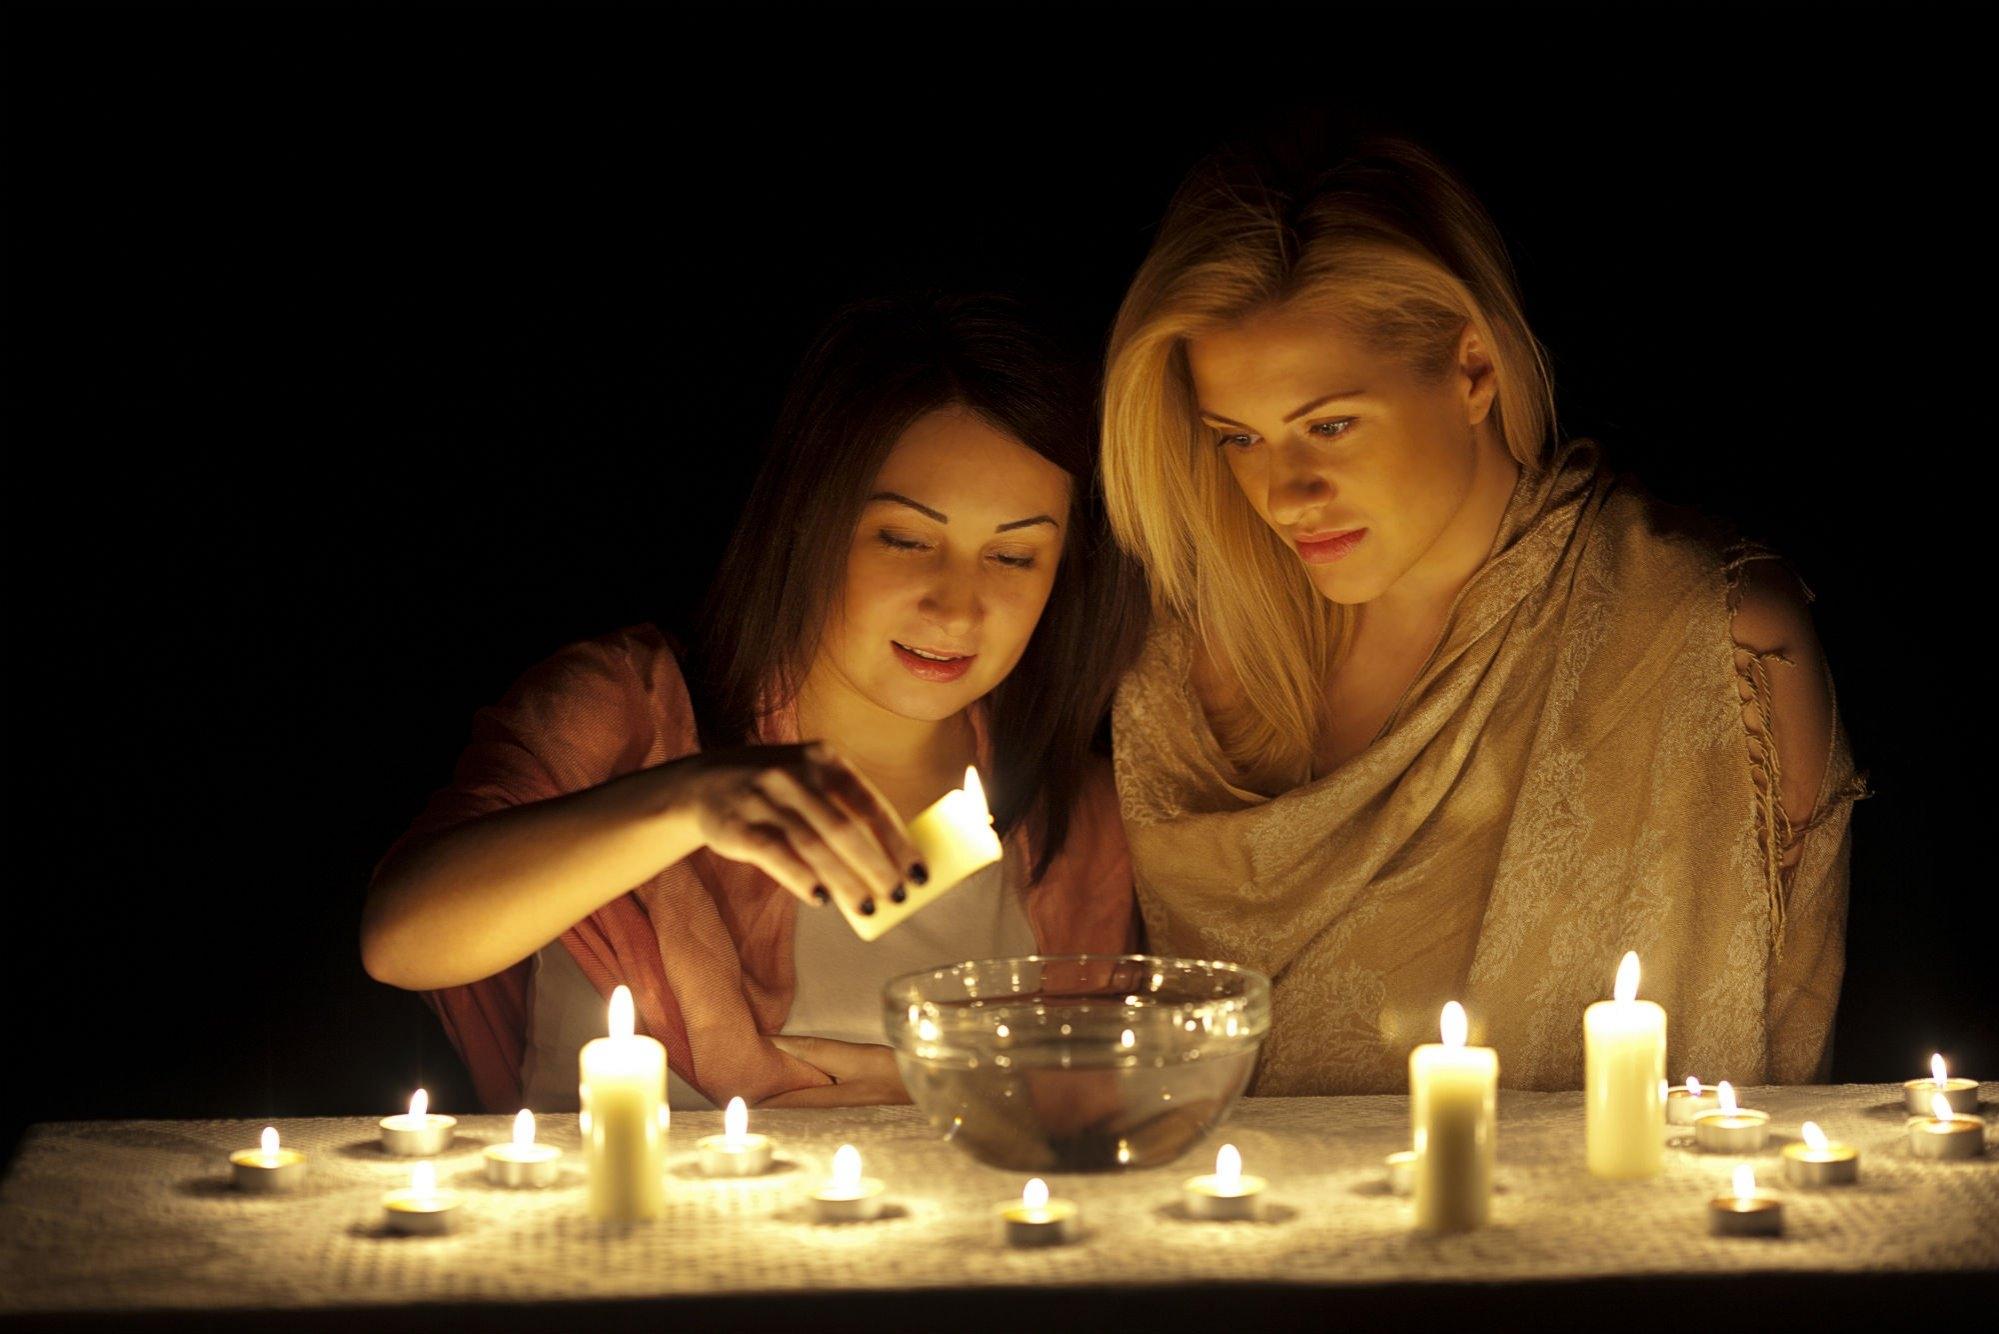 Гадания на троицу в 2020 году — популярные способы гадать на суженого и любовь